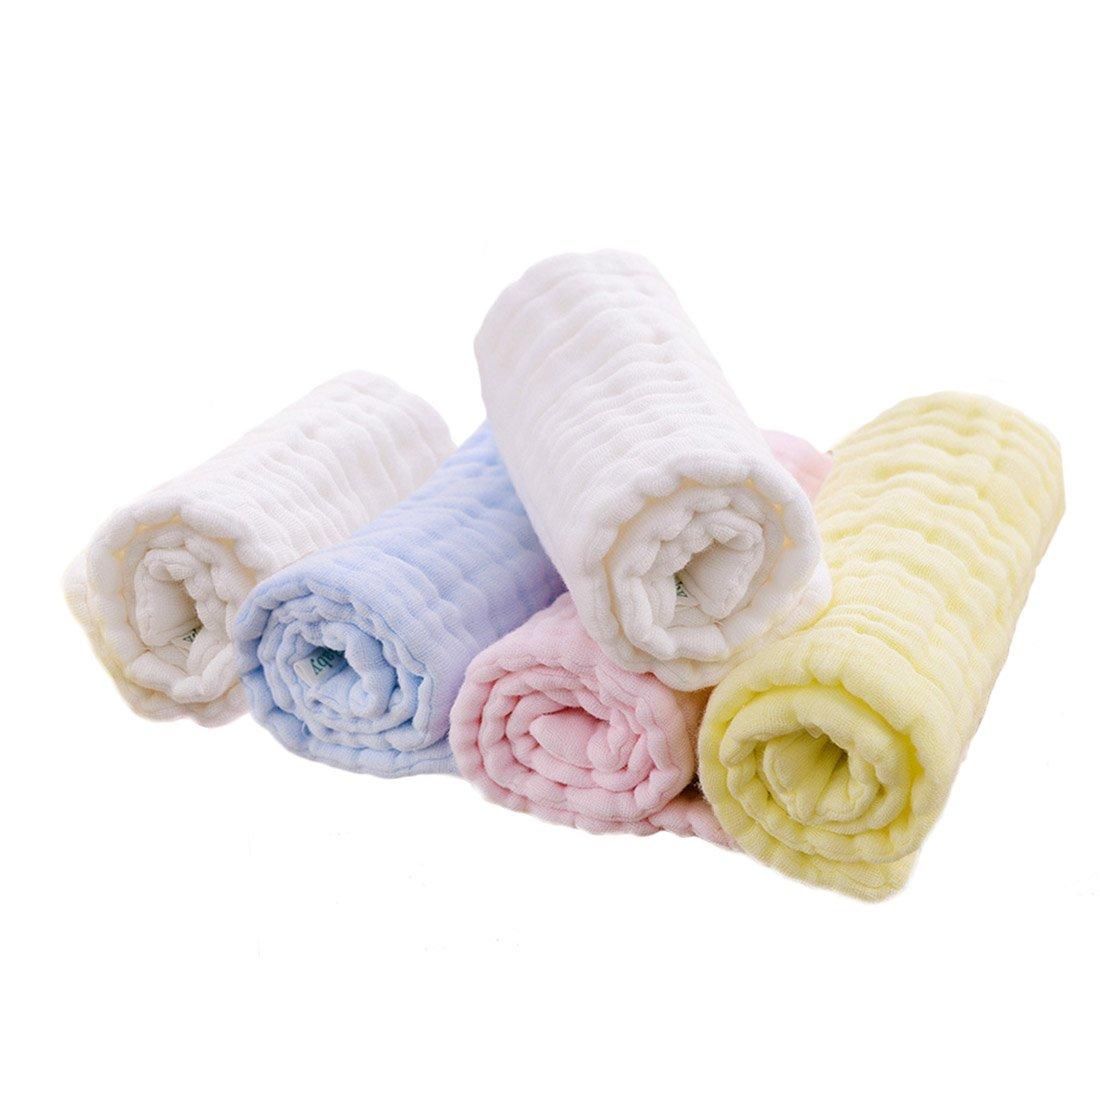 FYGOOD Lot de 5pcs Linges de Protection Mouchoir en mousseline de coton Bébé Nouveau-Né Impression- 10 couches de mousseline 46 * 17cm